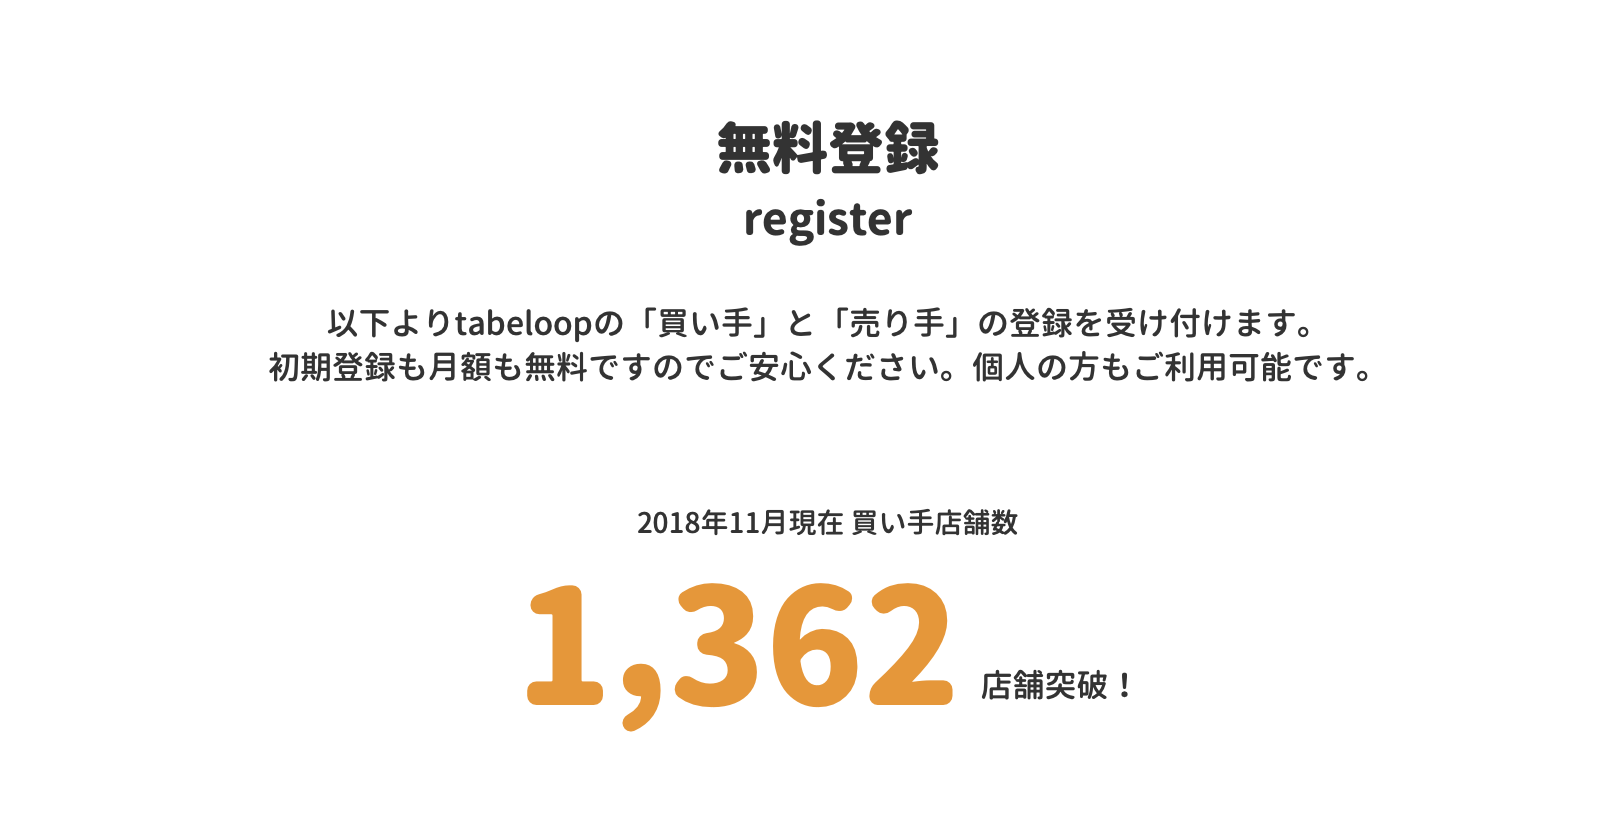 tabeloop(タベループ) 加盟店舗数